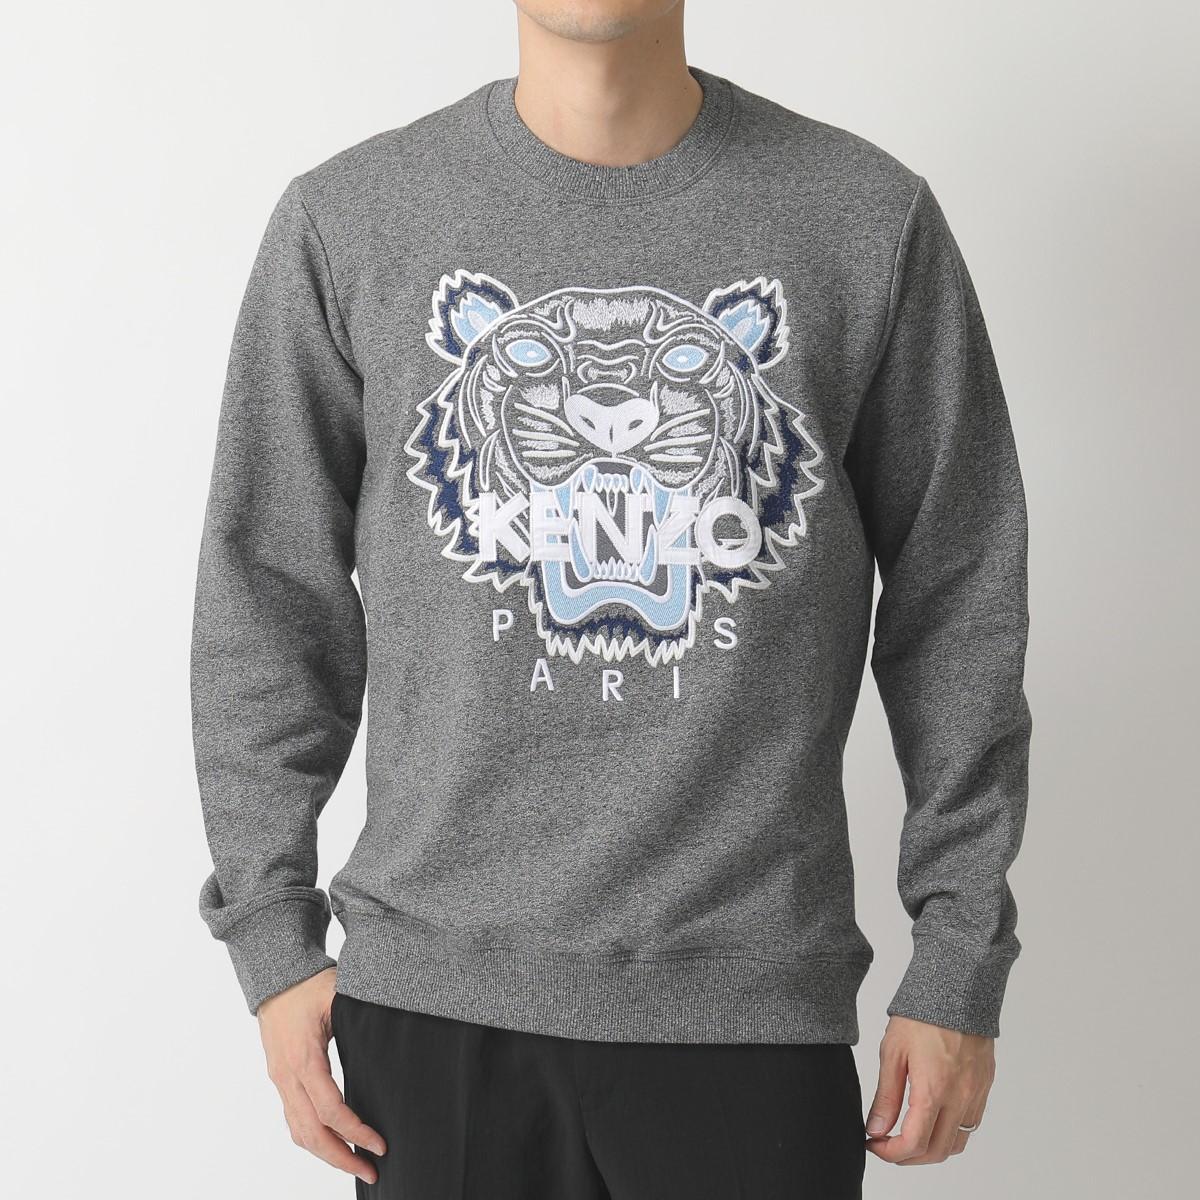 KENZO ケンゾー 5SW001 4XA CLASSIC TIGER SWEATSHIRT タイガー ロゴ 刺繍 クルーネック スウェット 98/グレー メンズ